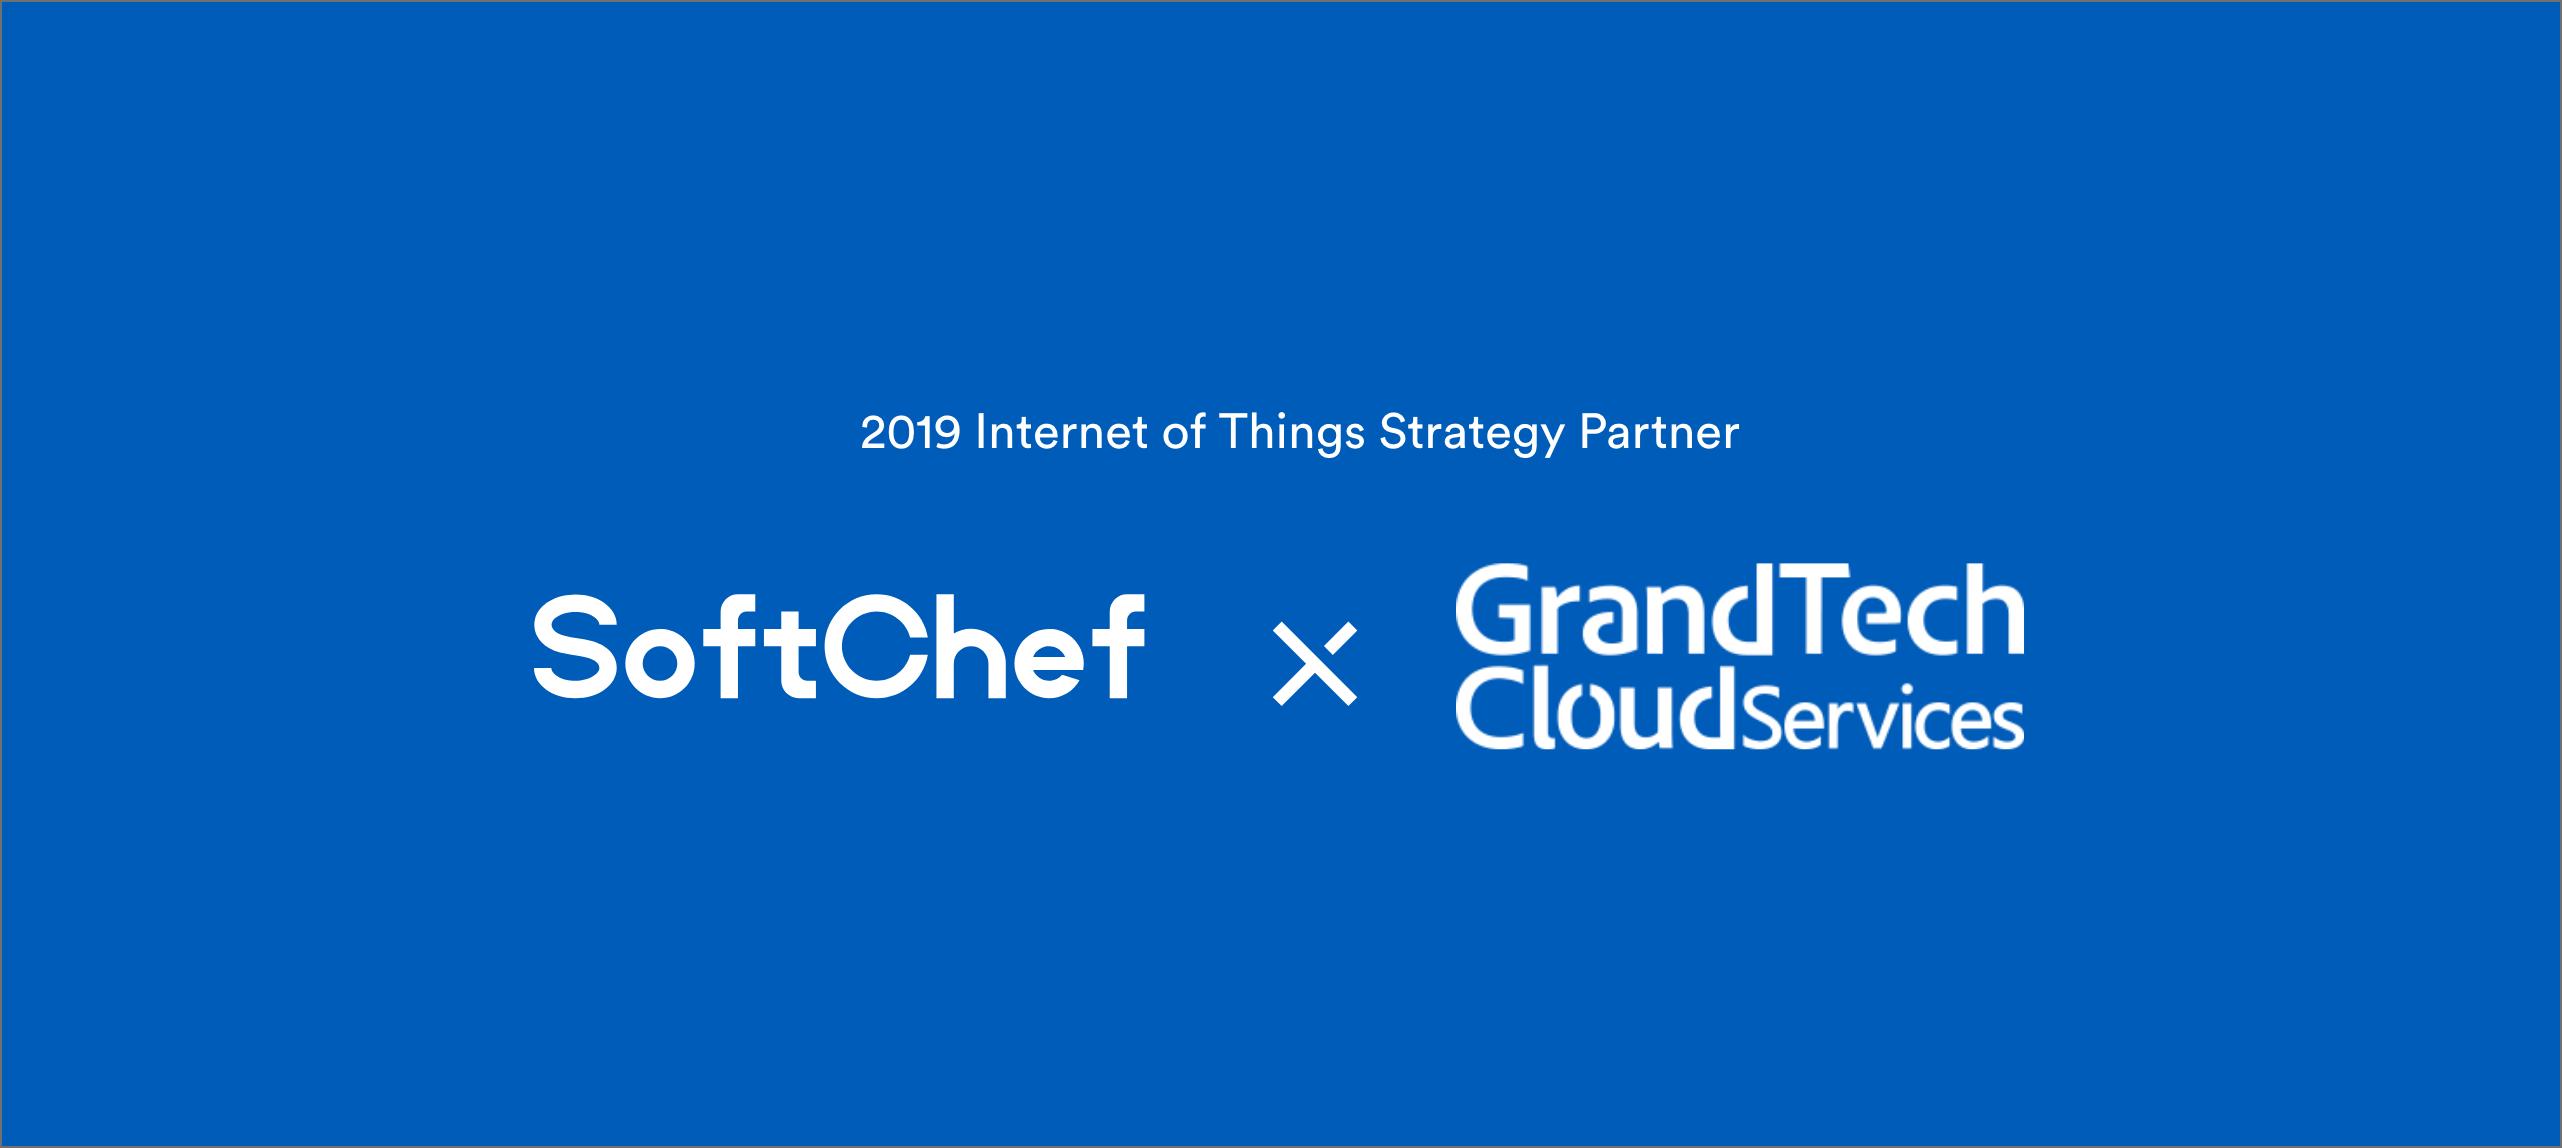 打造雲端共生生態圈,昕奇雲端科技(GCS) 與 軟領科技(SoftChef) 互為2019物聯網策略合作夥伴,推增物聯網商業價值